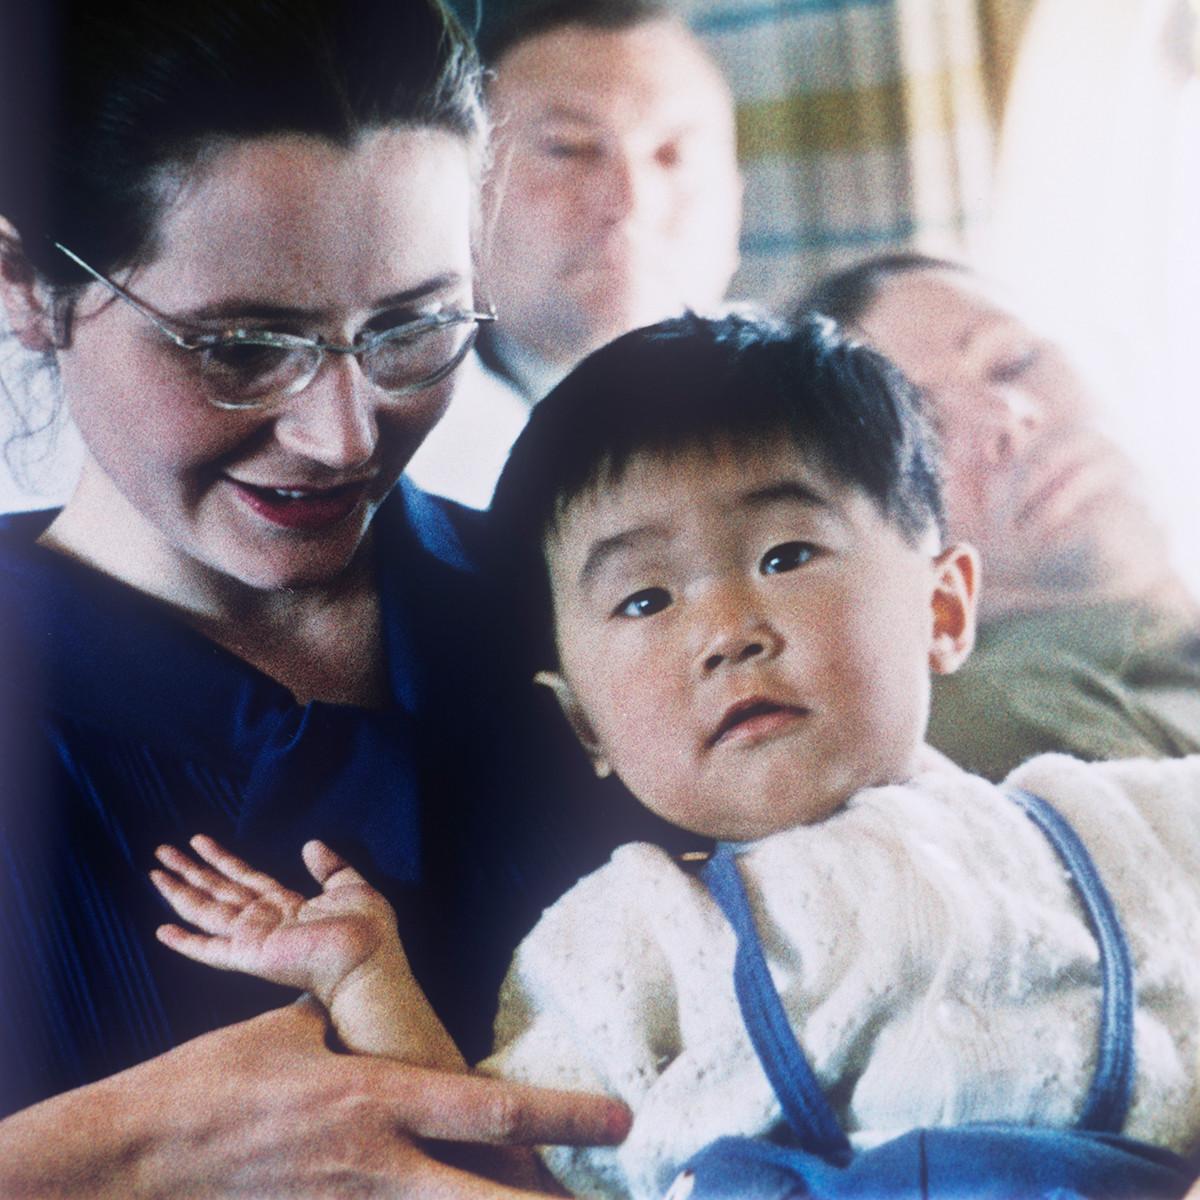 ユーリー・ガガーリンの妻、ワレンチナさんと日本の少年、中山栄くん